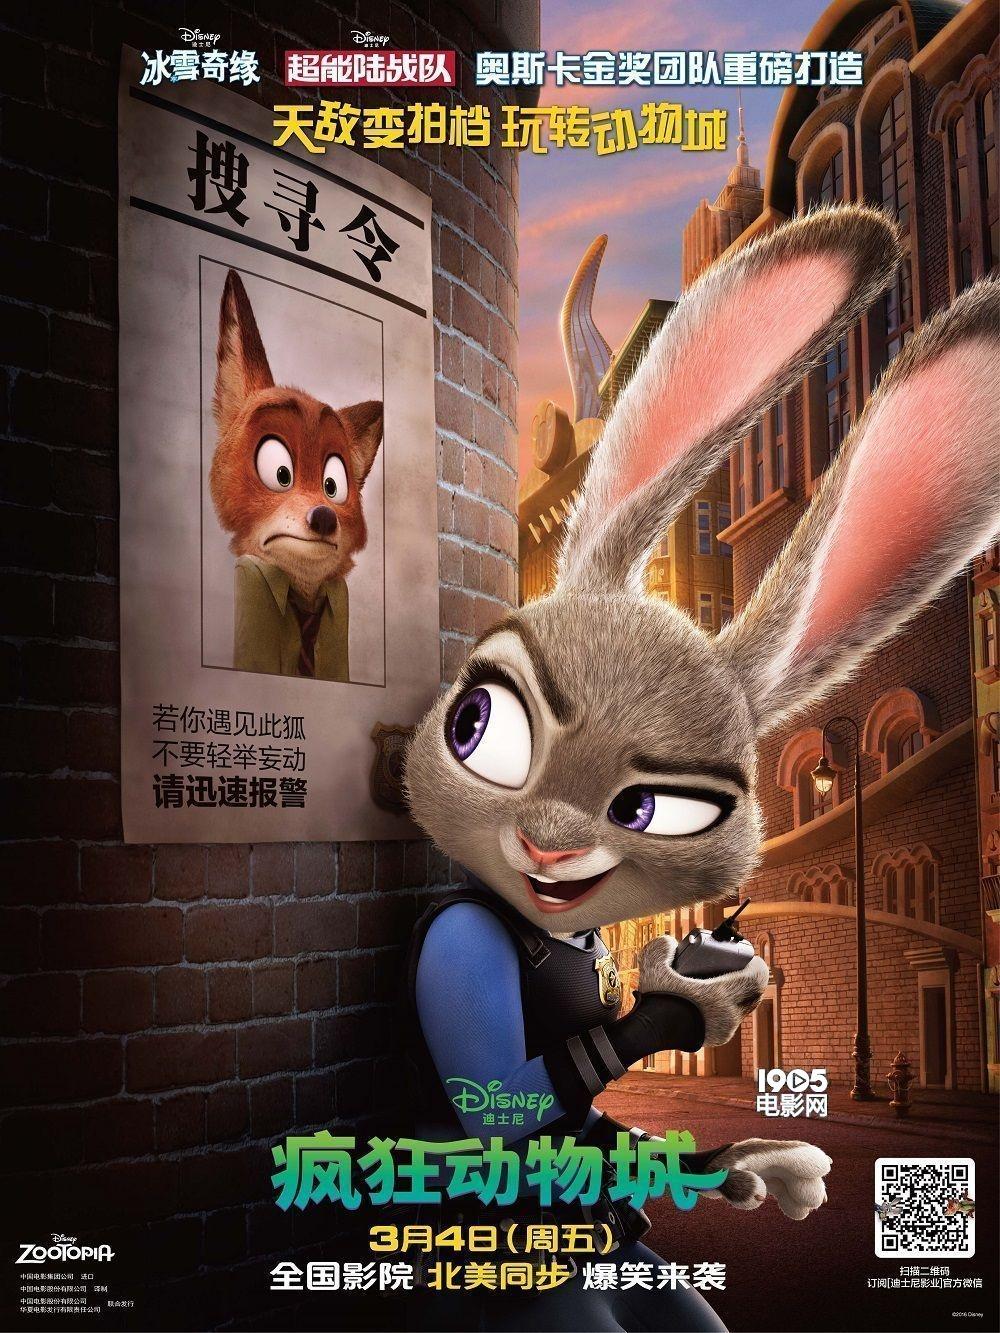 《疯狂动物城》曝新春海报